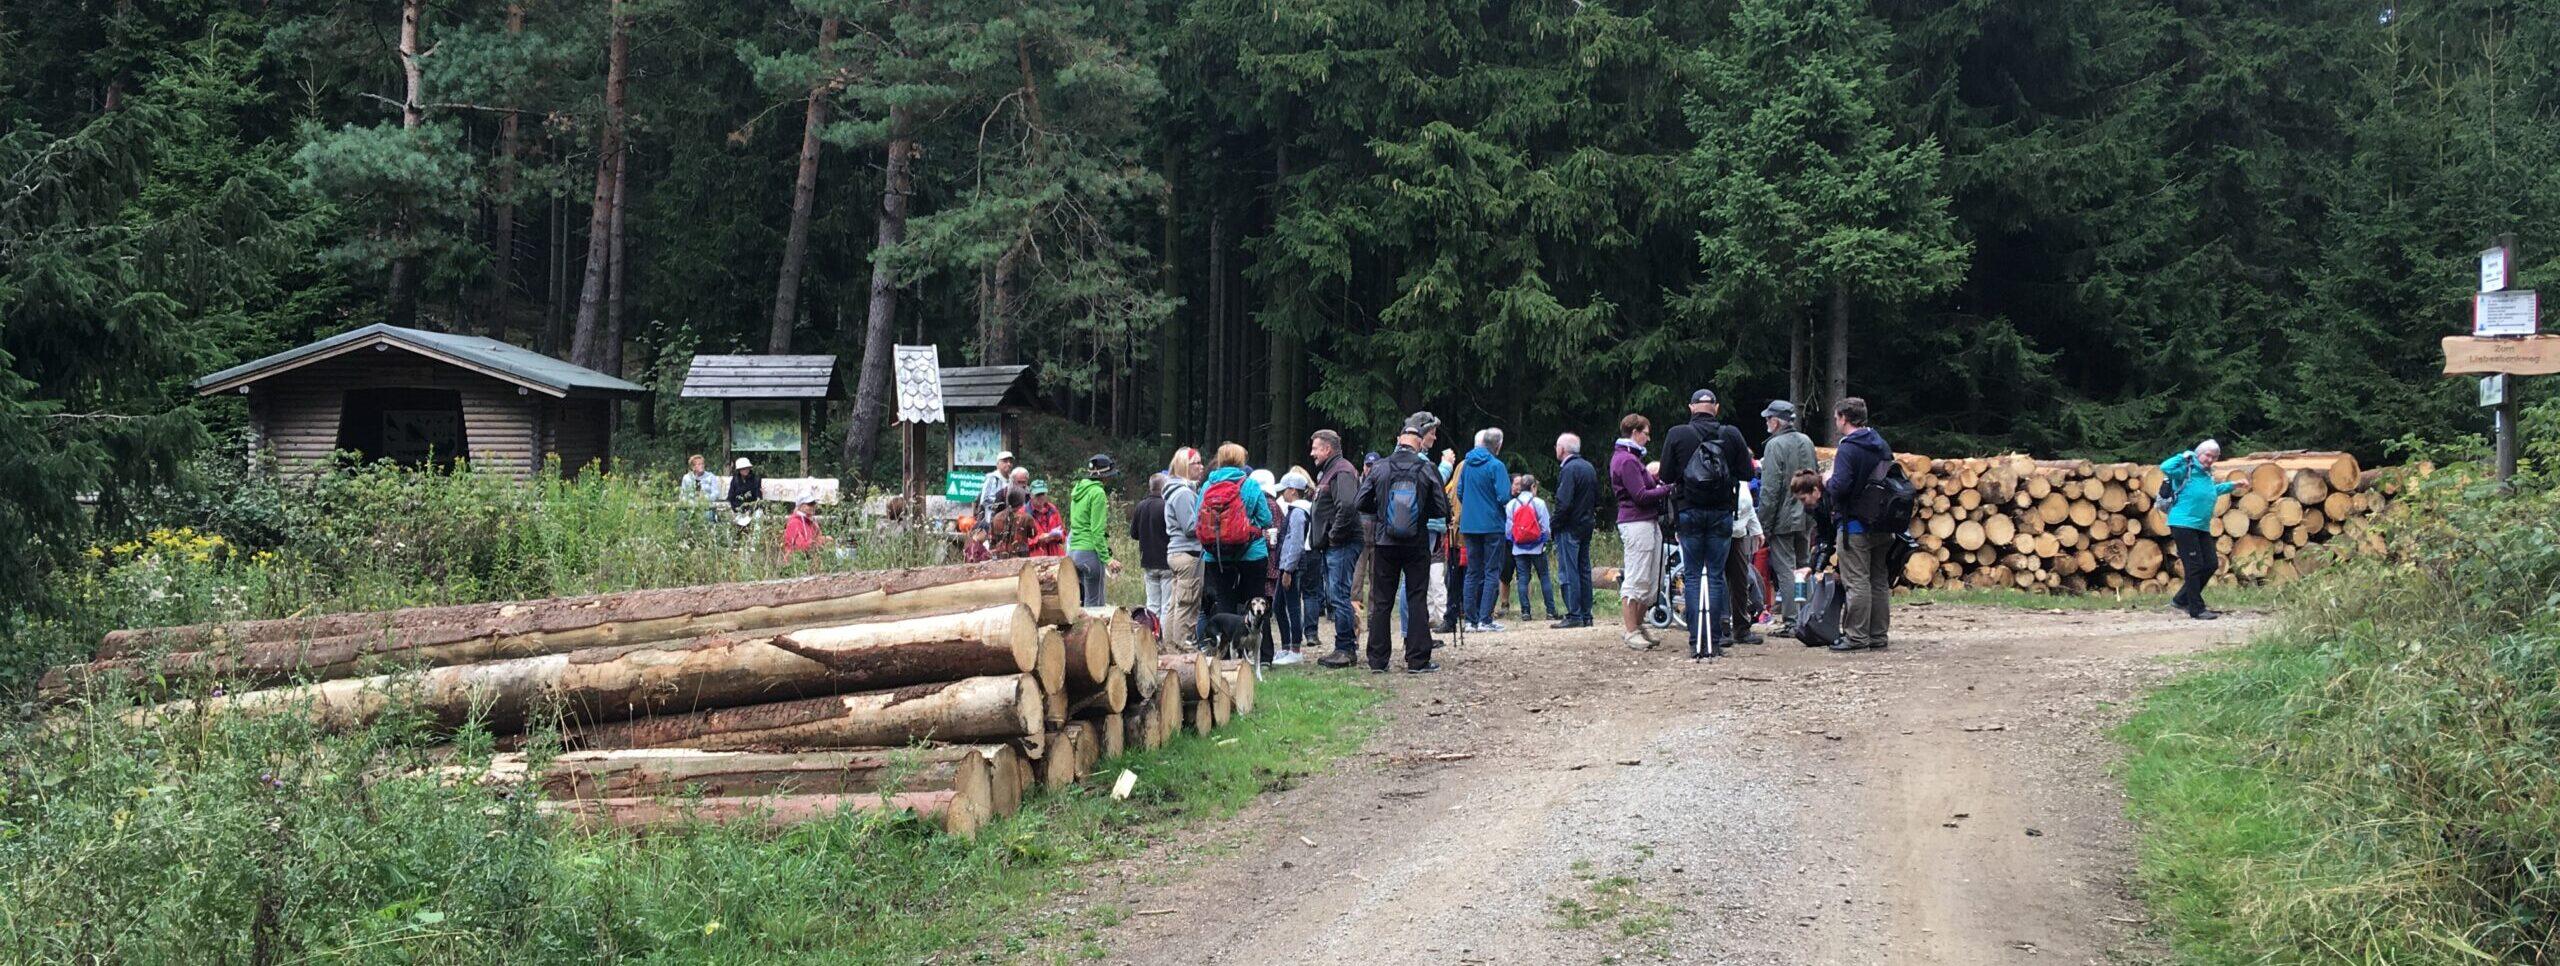 """Eine Wandergruppe hält eine Rast an einem offenen Platz im Wald. Diese """"Passhöhe"""" der ehemaligen alten Garzstrasse heisst Windsattel.Eine Schutzthütte, mehrere Infotafeln und 2 große Holzstapen sind erkennbar."""